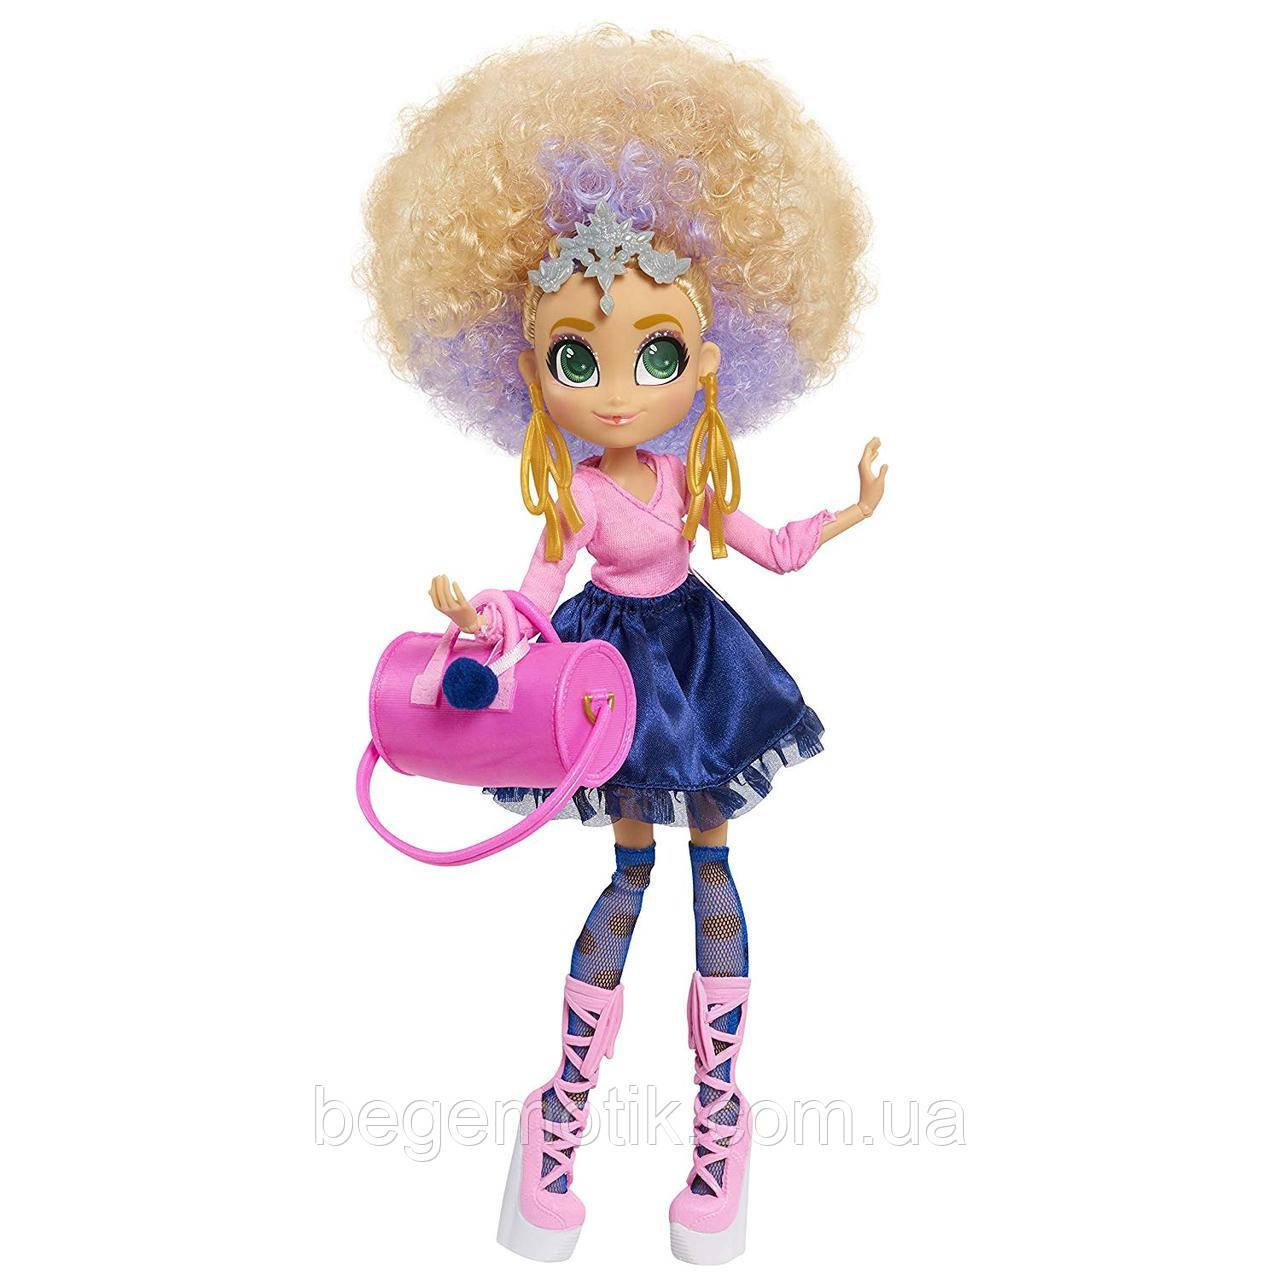 Большая Кукла Хэрдораблс Белла Старшая сестра Hairdorables Hairmazing Bella Fashion Doll